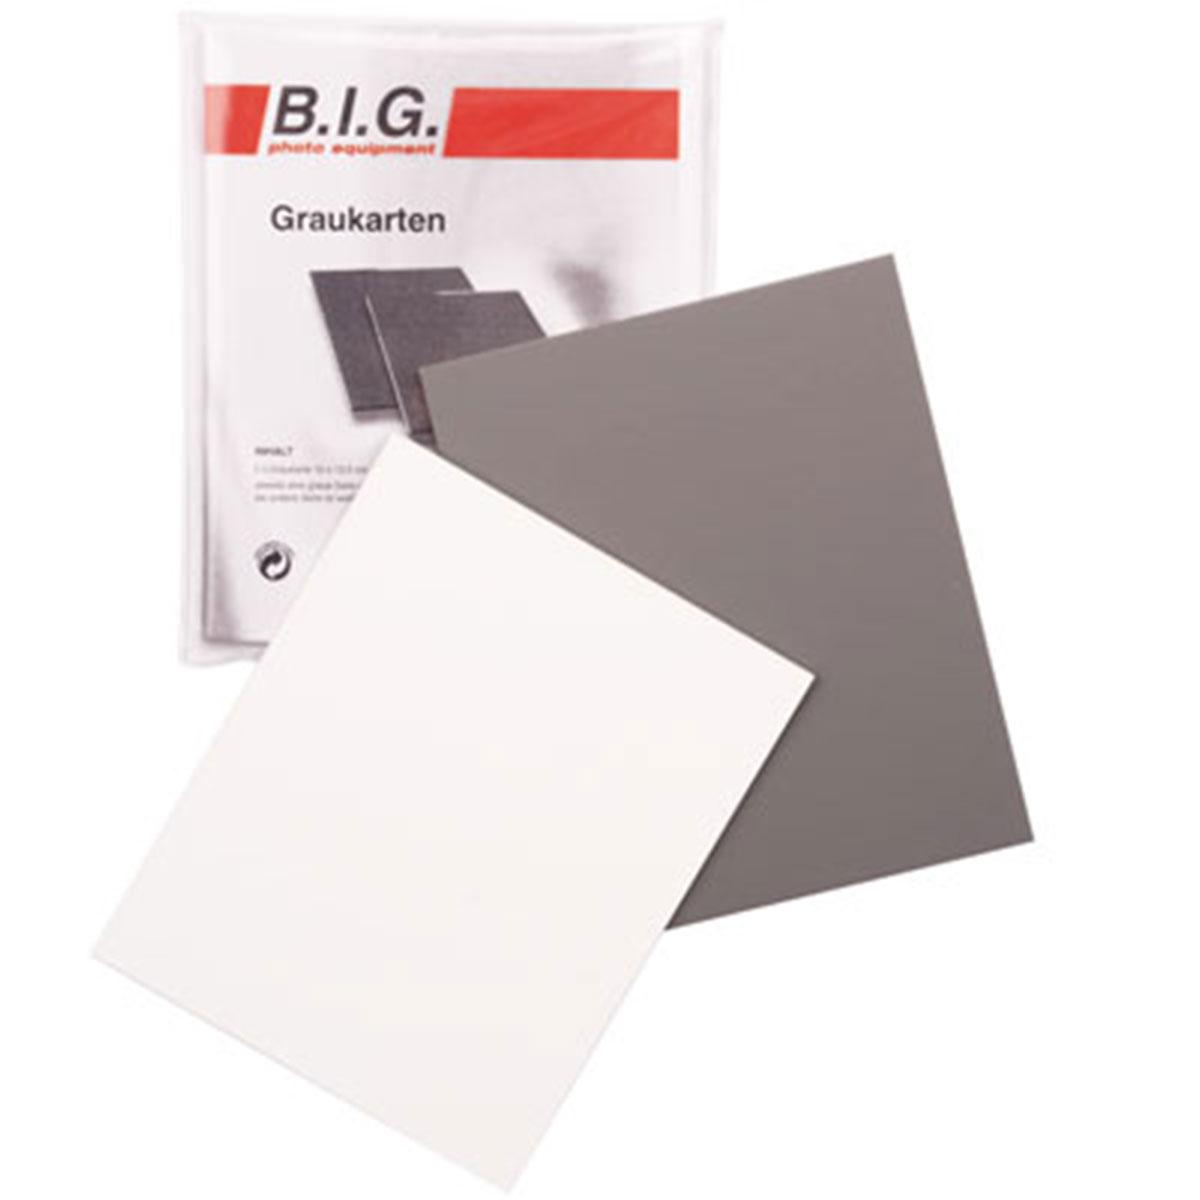 B.I.G. Graukarten-Set 2St. (2x 10x12 cm)